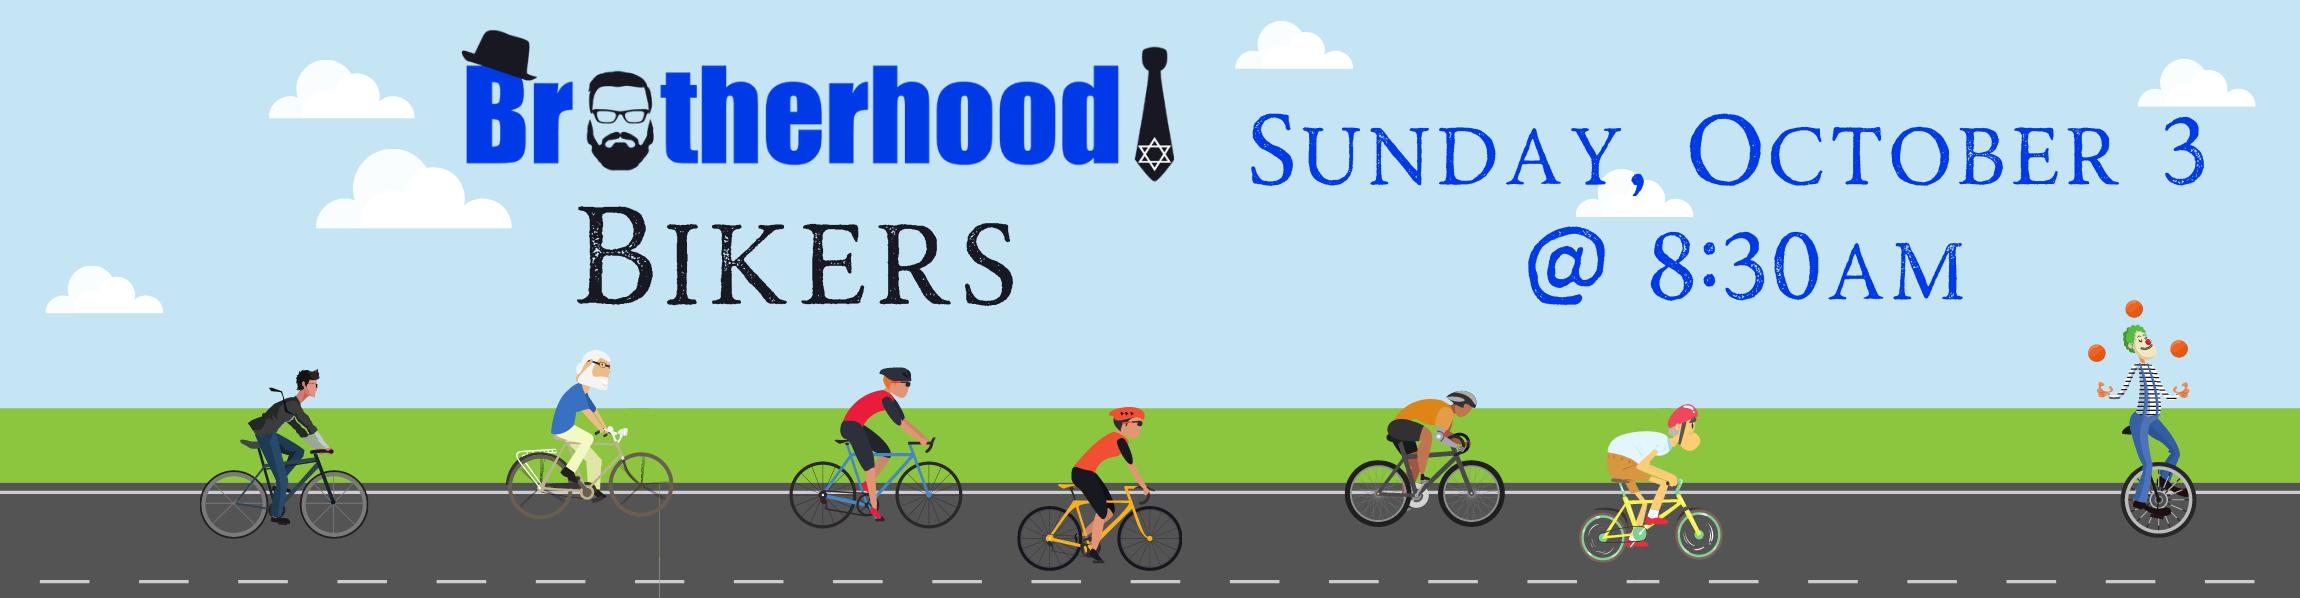 """</a>                                                                                                                                                                                      <a href=""""https://www.templebethelhollywood.org/event/bikers"""" class=""""slider_link""""                             target="""""""">                             Register Now!                            </a>"""